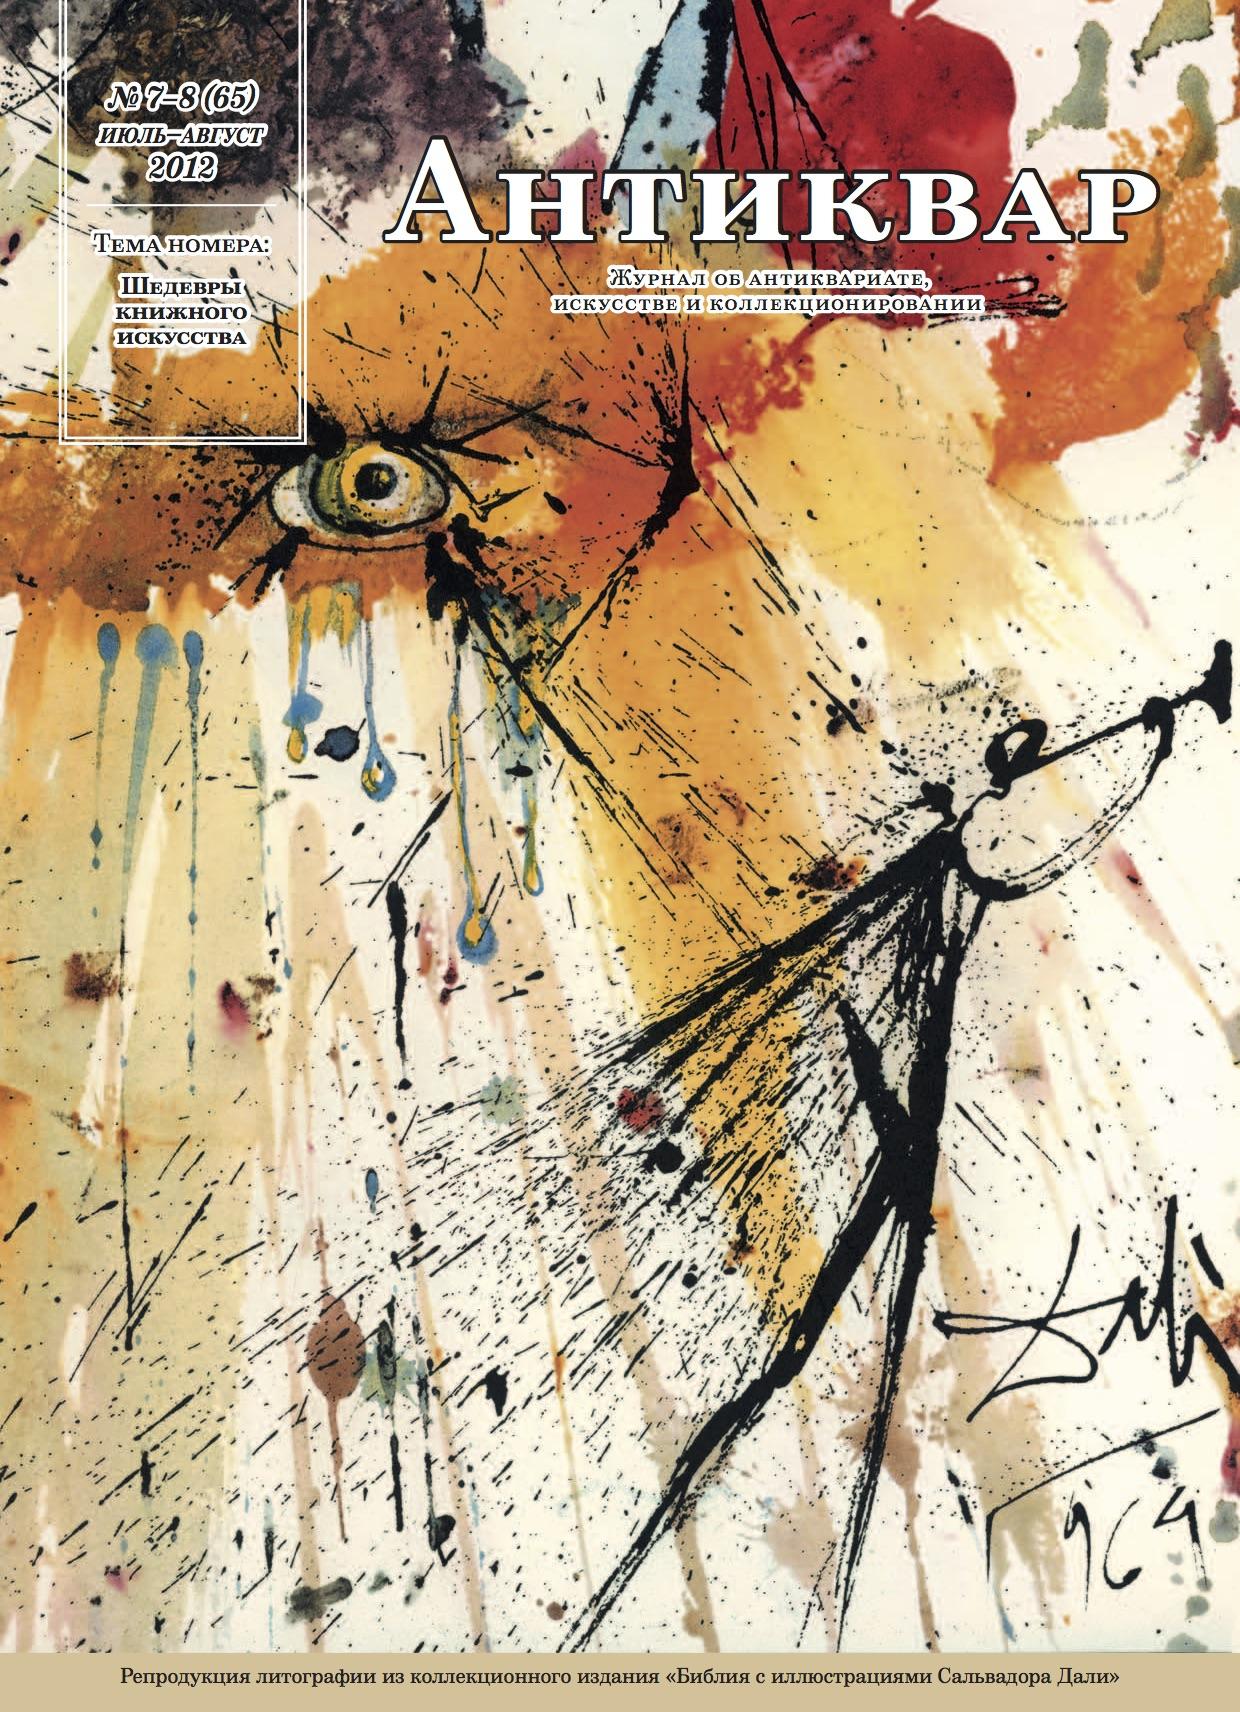 Журнал Антиквар #65: Шедевры книжного искусства